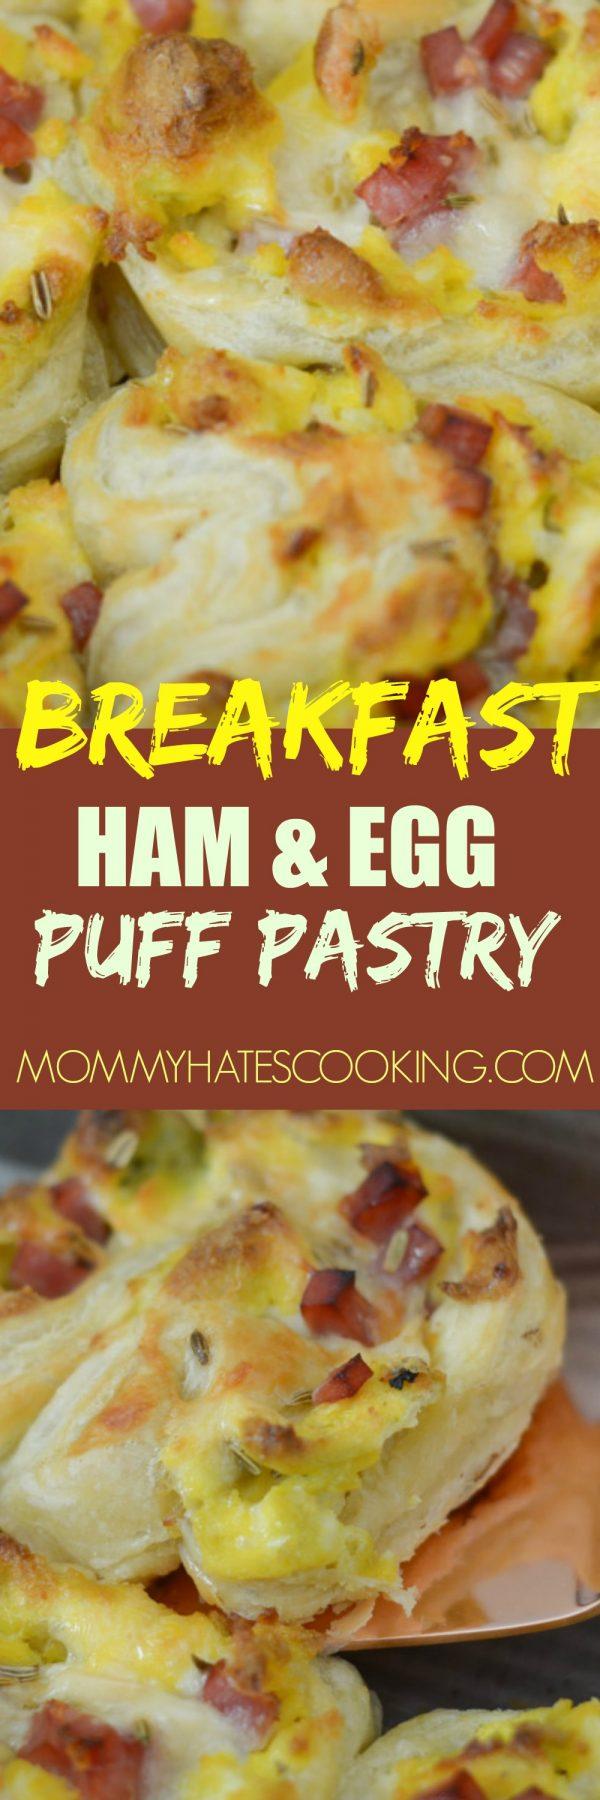 Ham & Egg Puff Pastry